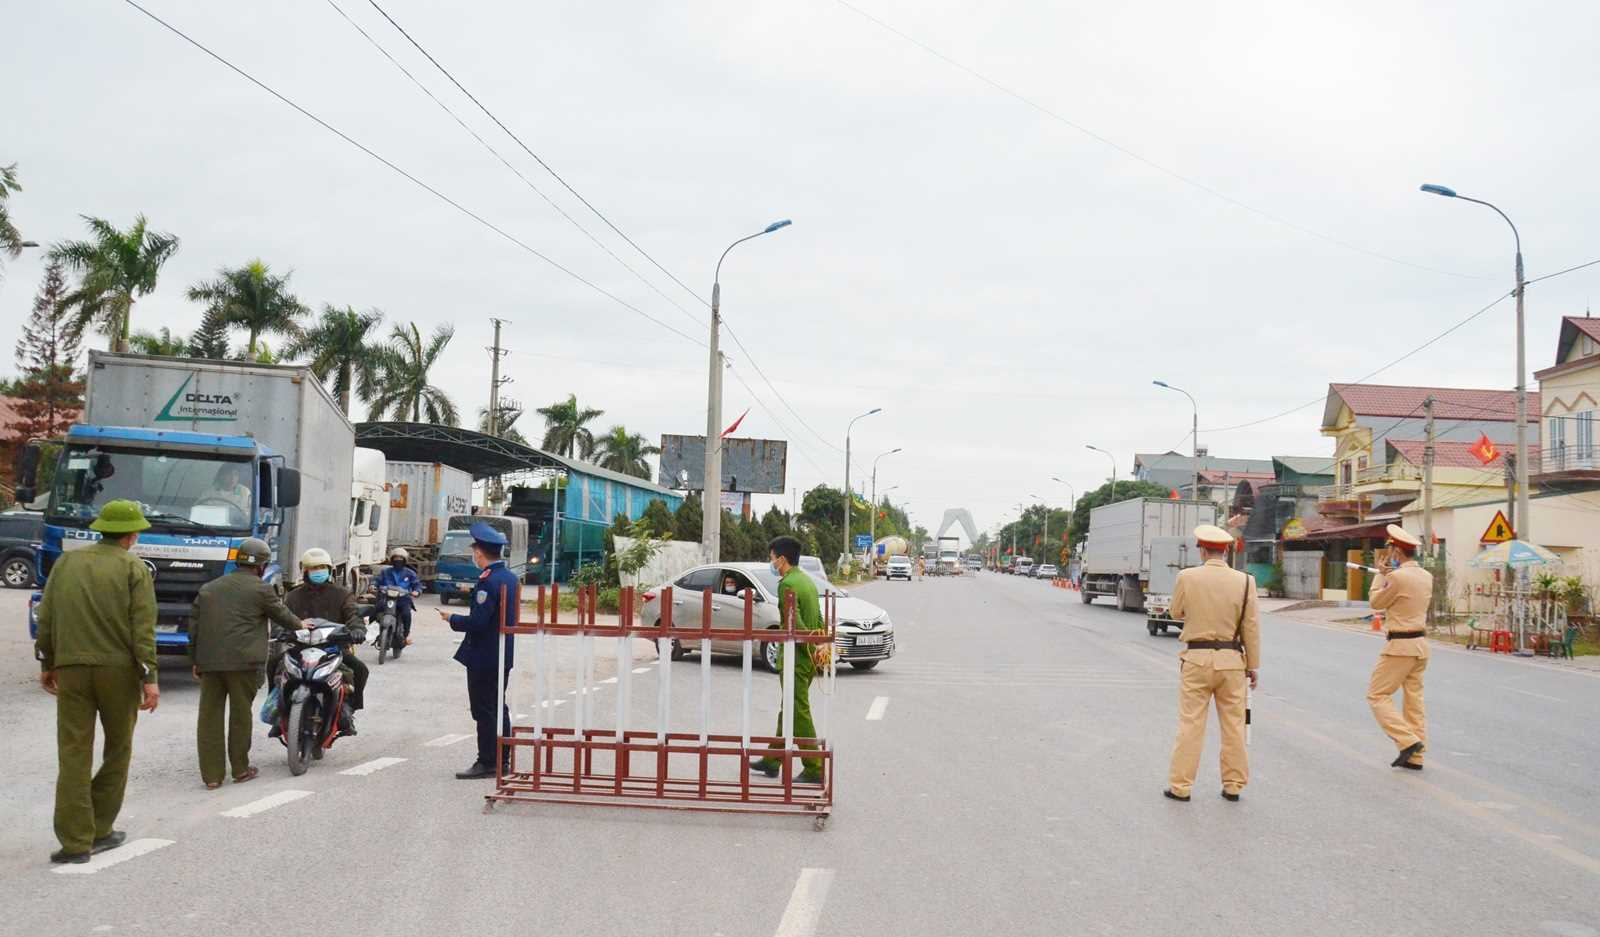 Lực lượng chức năng Quảng Ninh thực thi nhiệm vụ tại cầu Vàng Chua, xã Bình Dương, thị xã Đông Triều Quảng Ninh